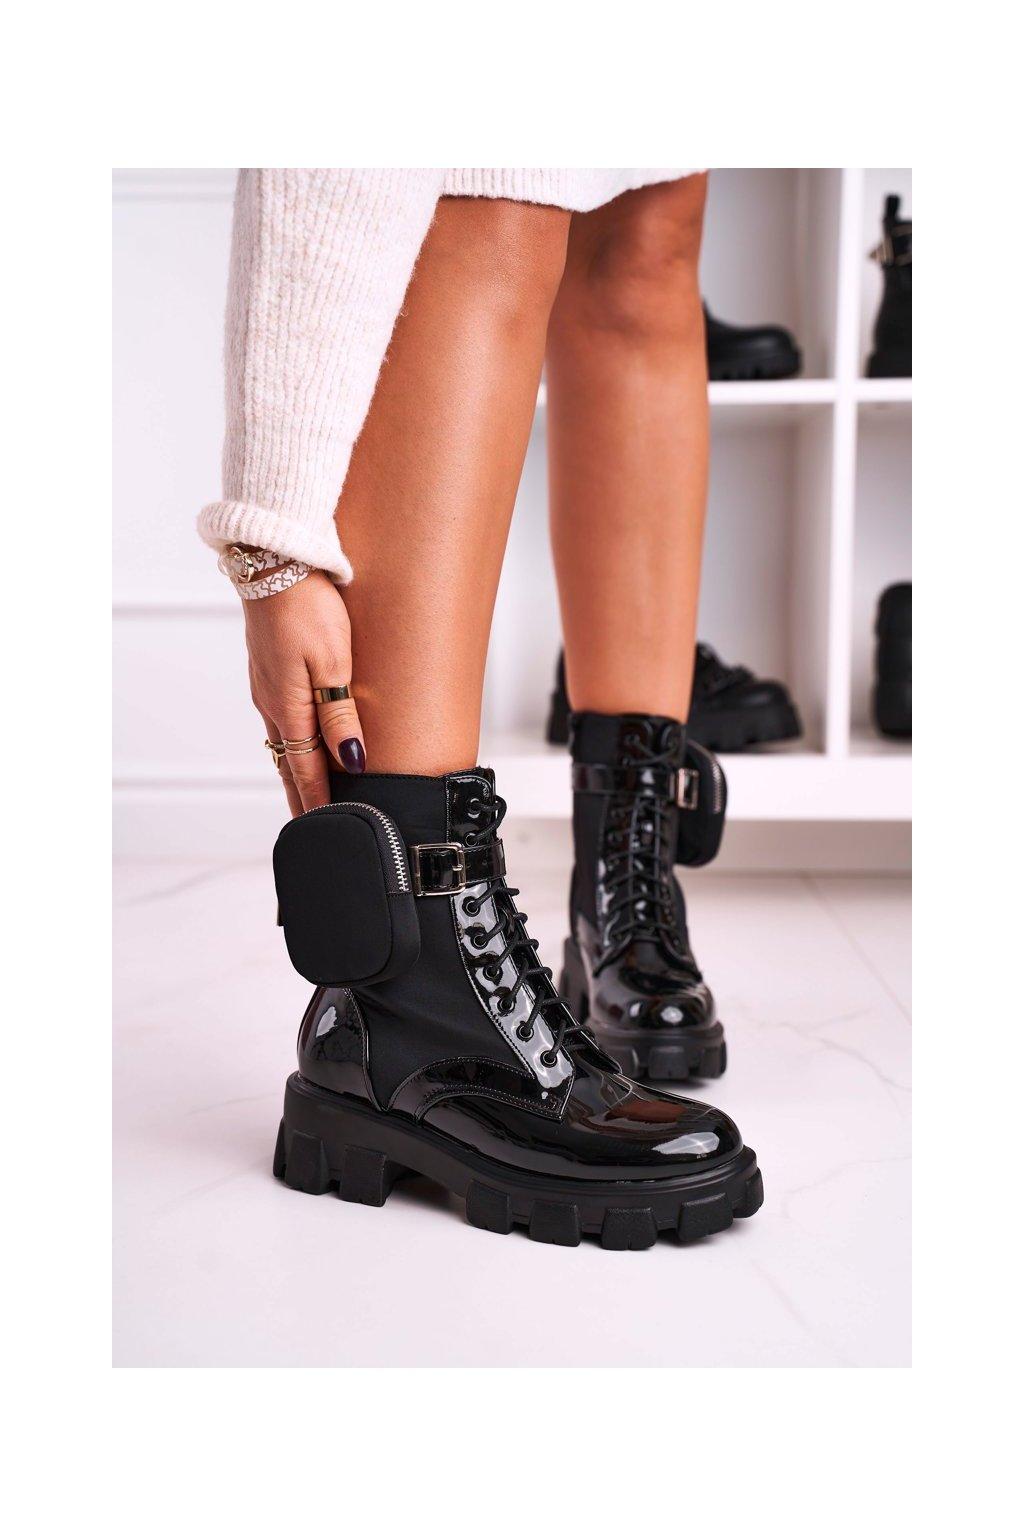 Členkové topánky na podpätku farba čierna kód obuvi 128-B1 SHINY BLK